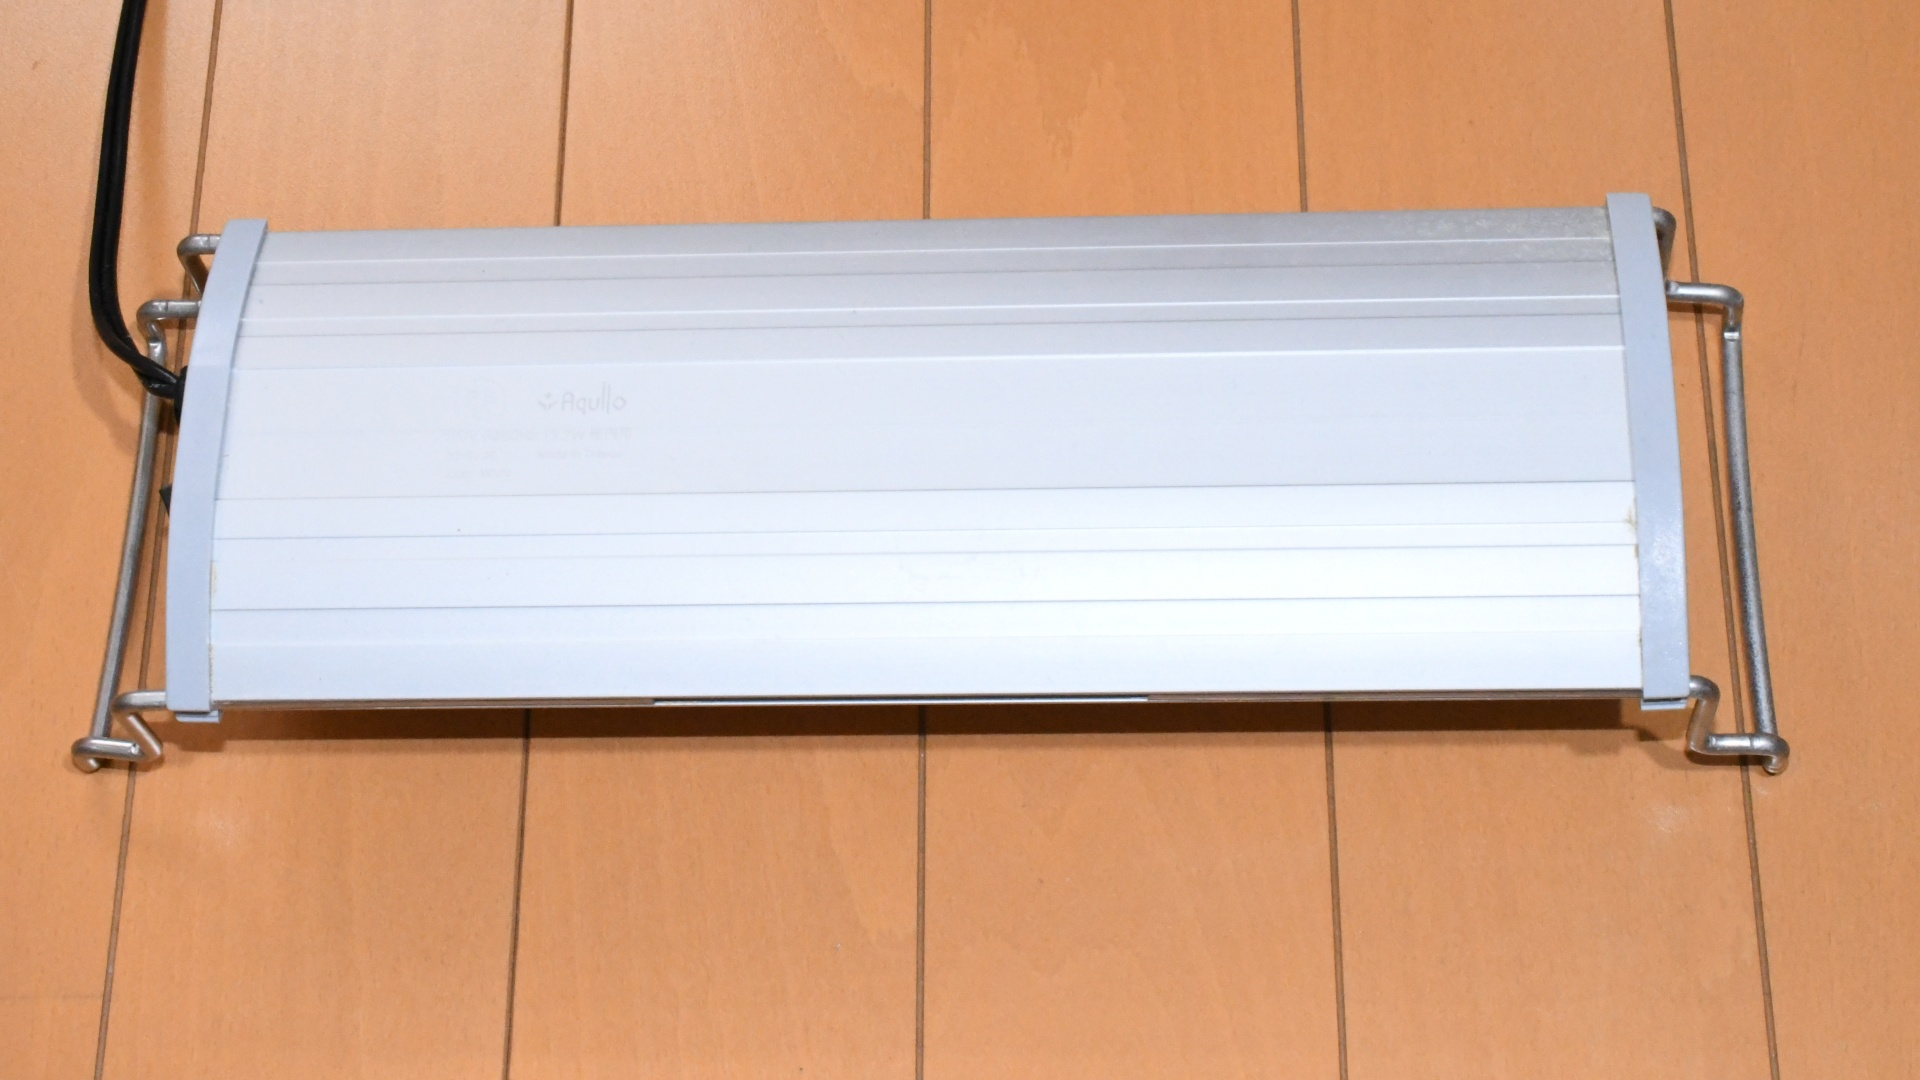 アクア製品紹介:お値段そこそこで明るい照明 アクロOVAL LED BRIGHT 300